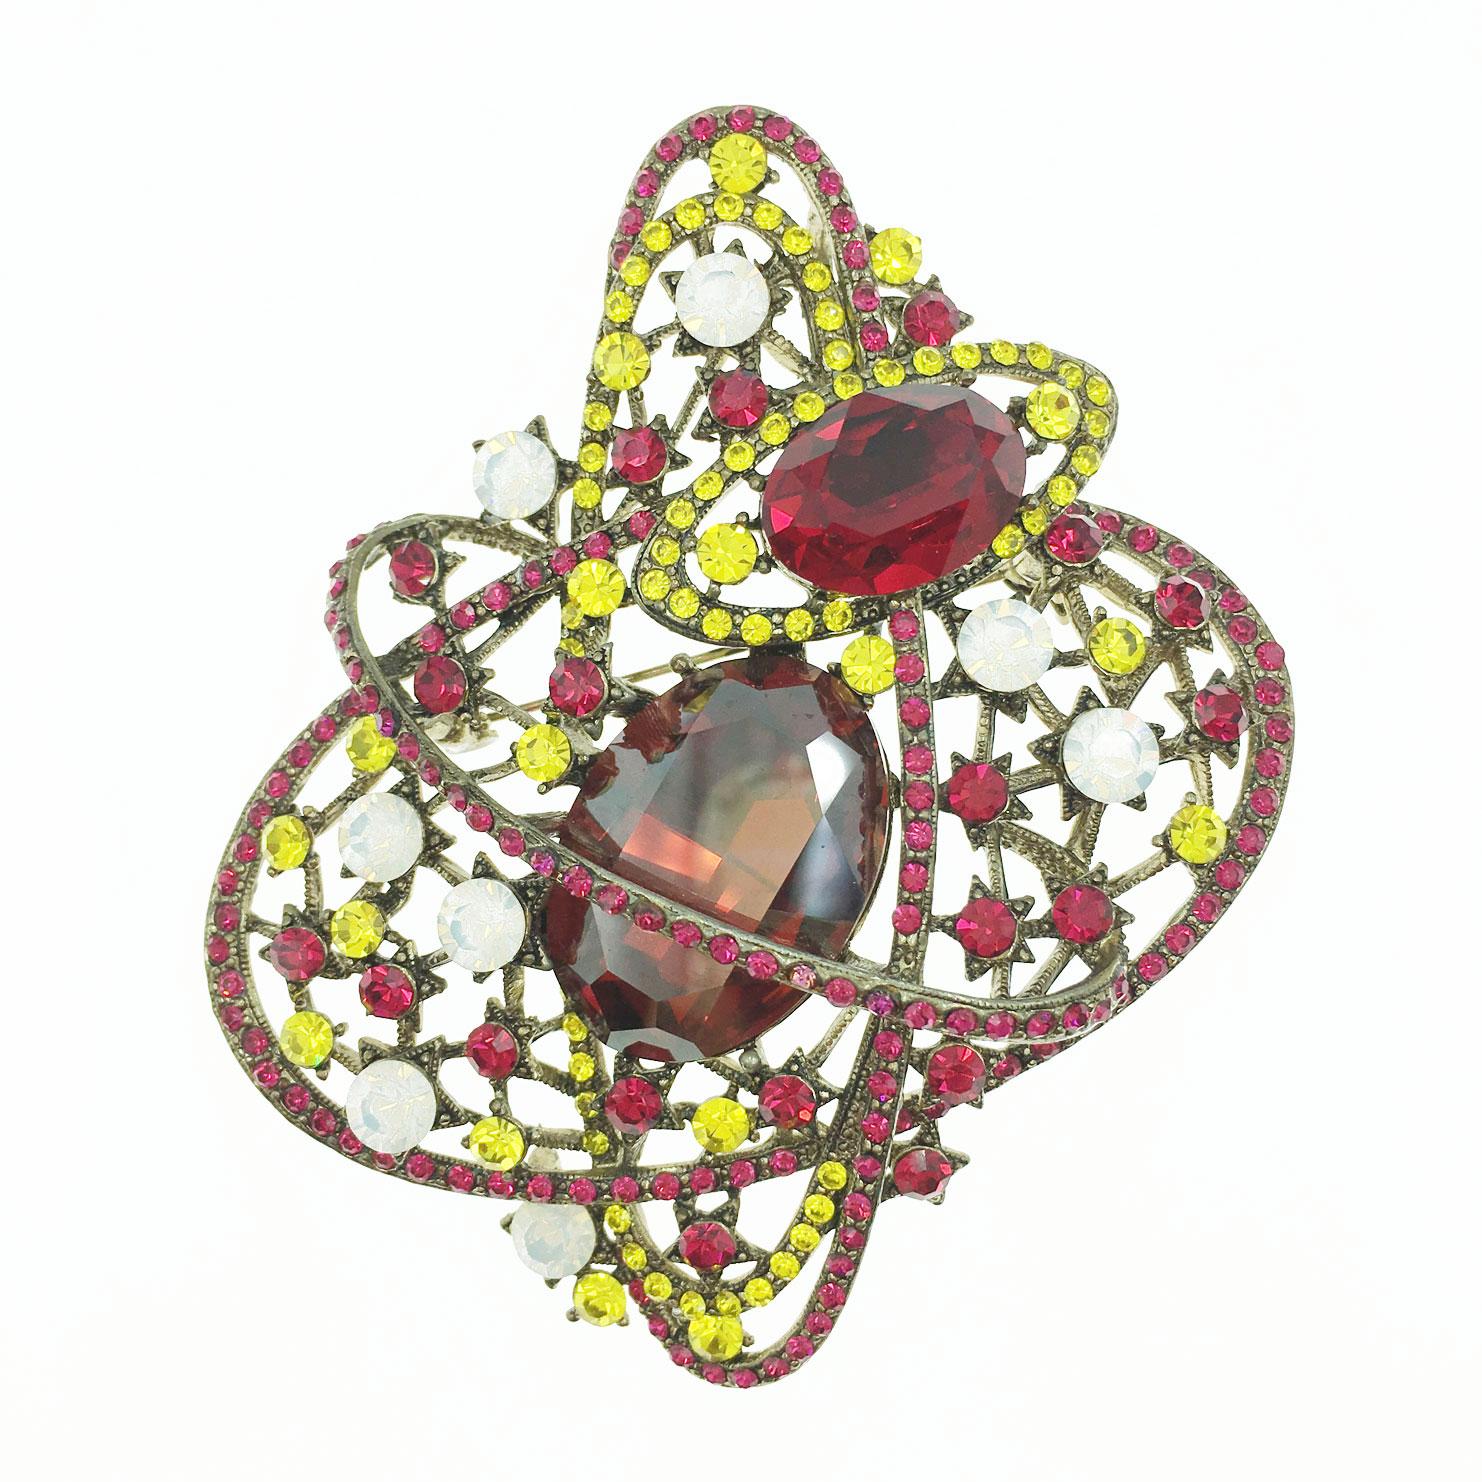 鮮豔宇宙行星 環繞 水晶 水讚 古銅色 別針 胸針 採用施華洛世奇水晶元素 Crystals from Swarovski